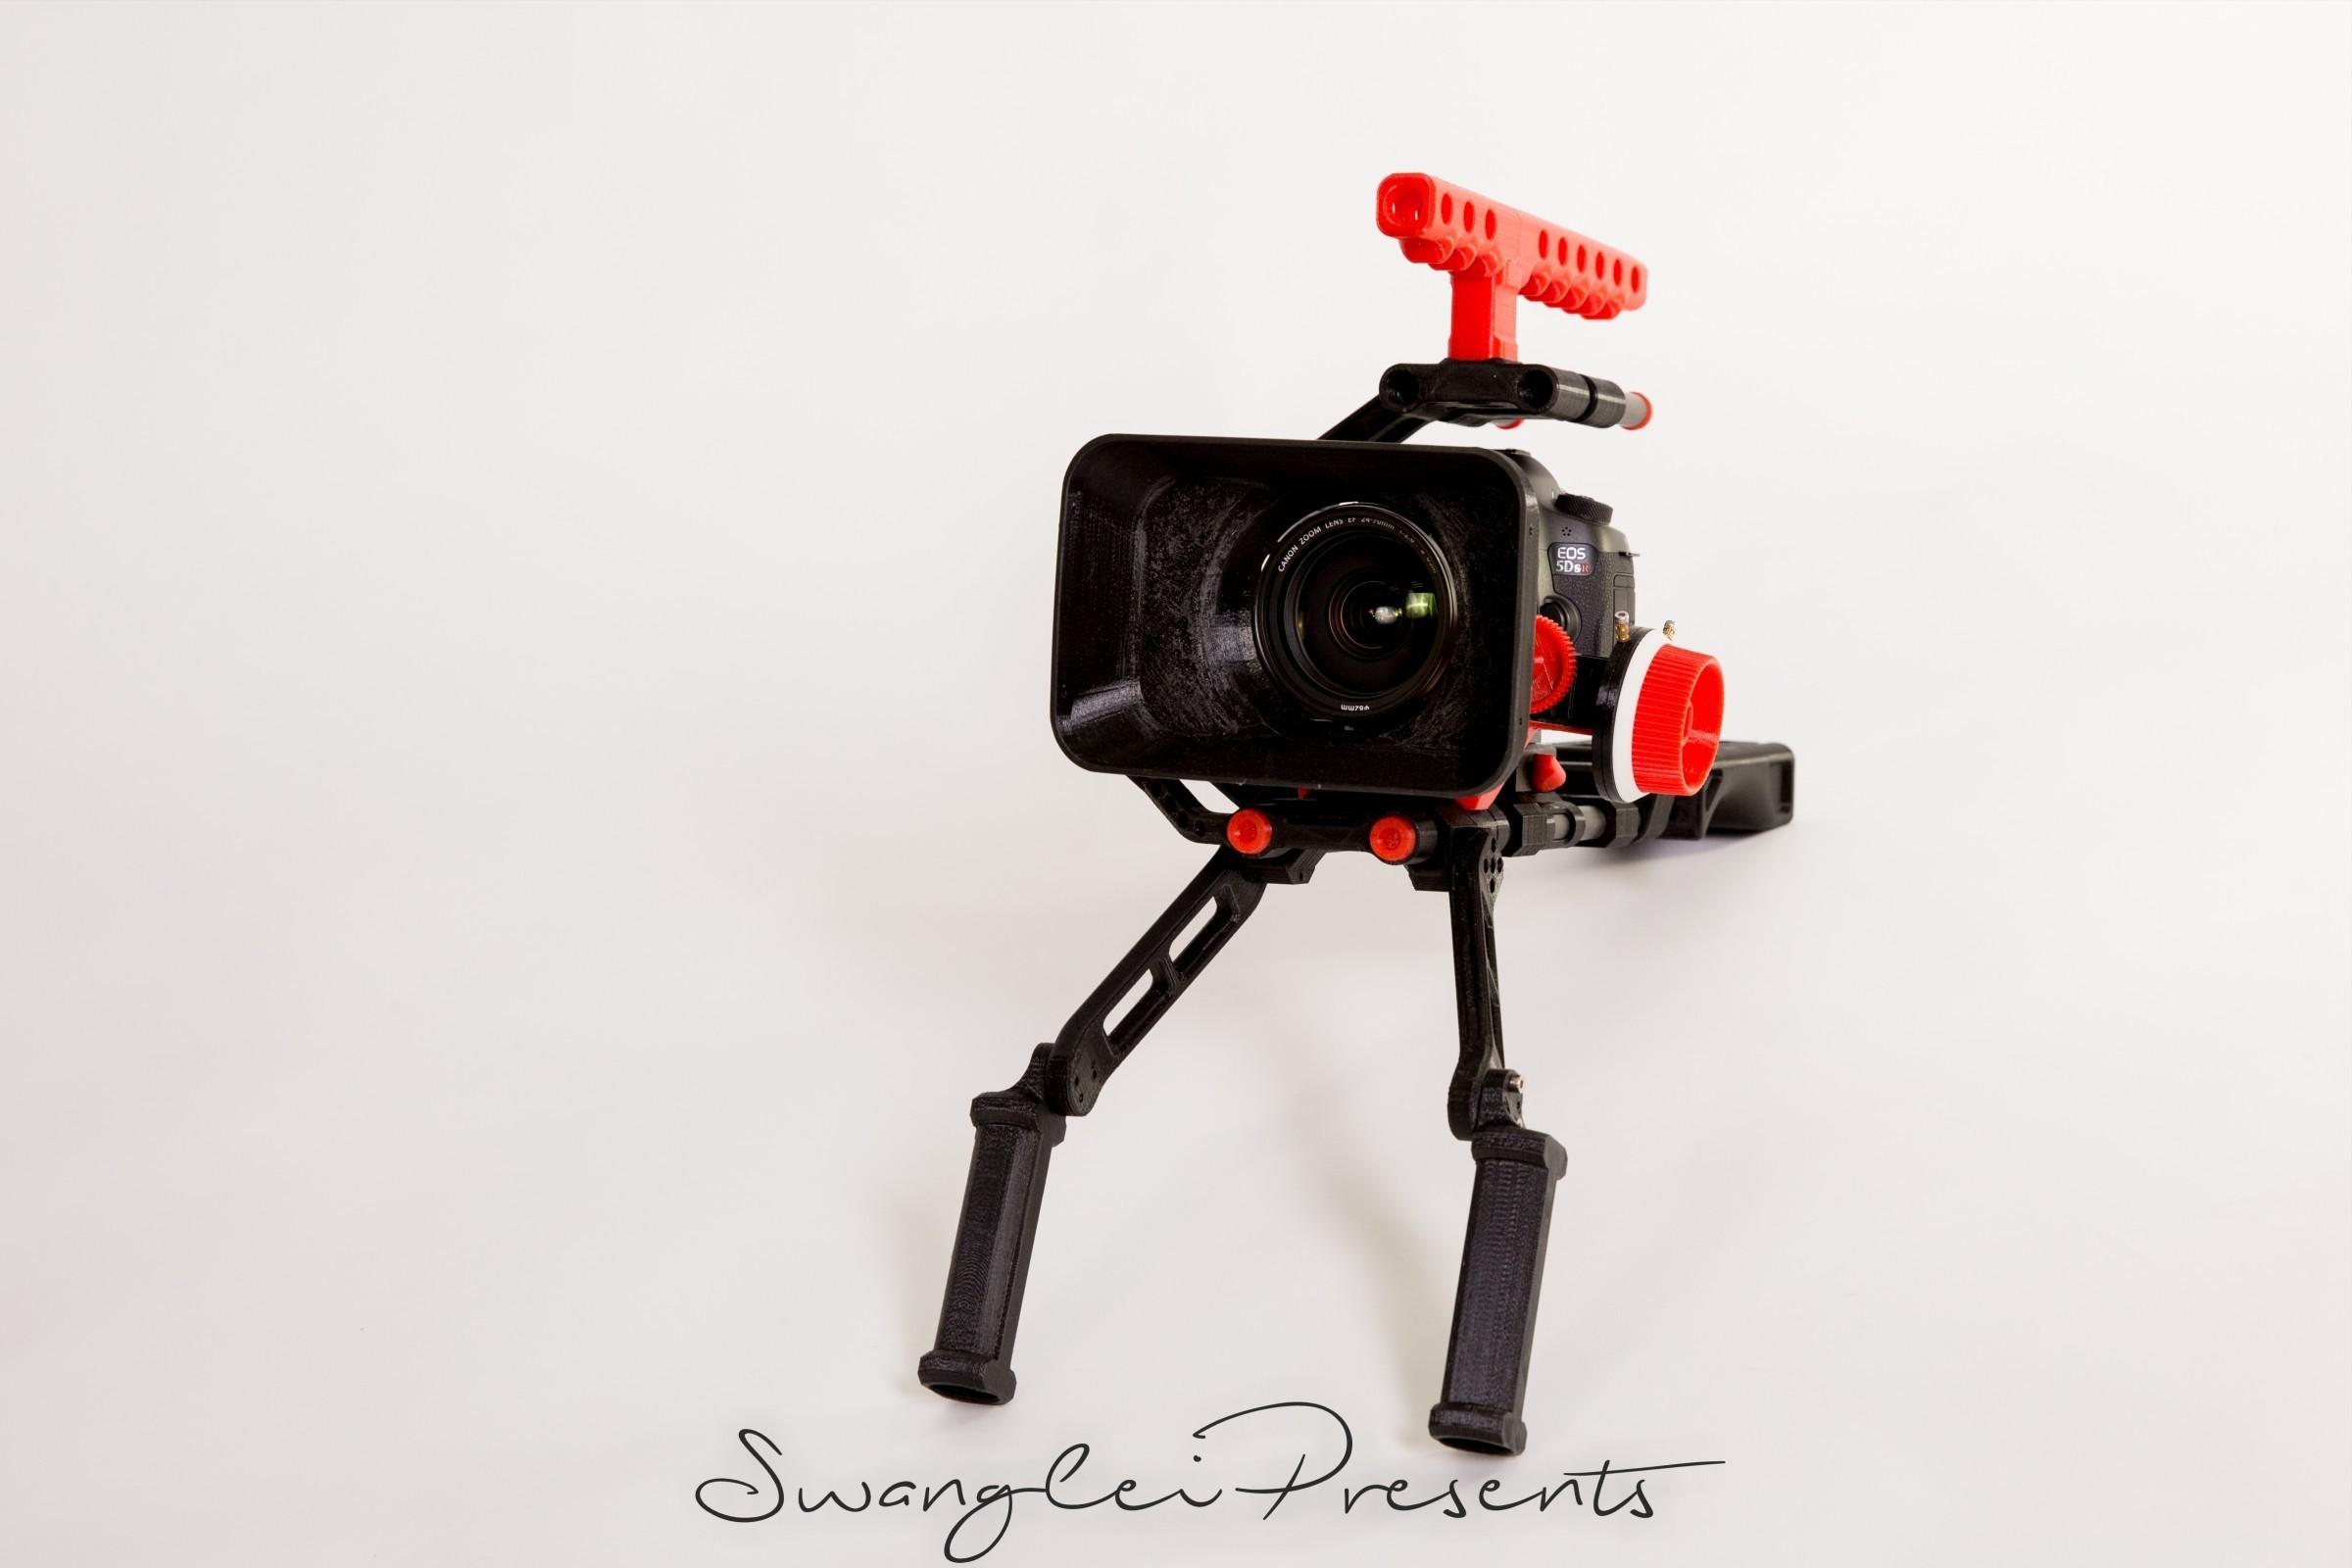 格式工厂_W4A9887.jpg Download free STL file 3D print shoulder rig V2.0 • 3D printer design, SWANGLEI